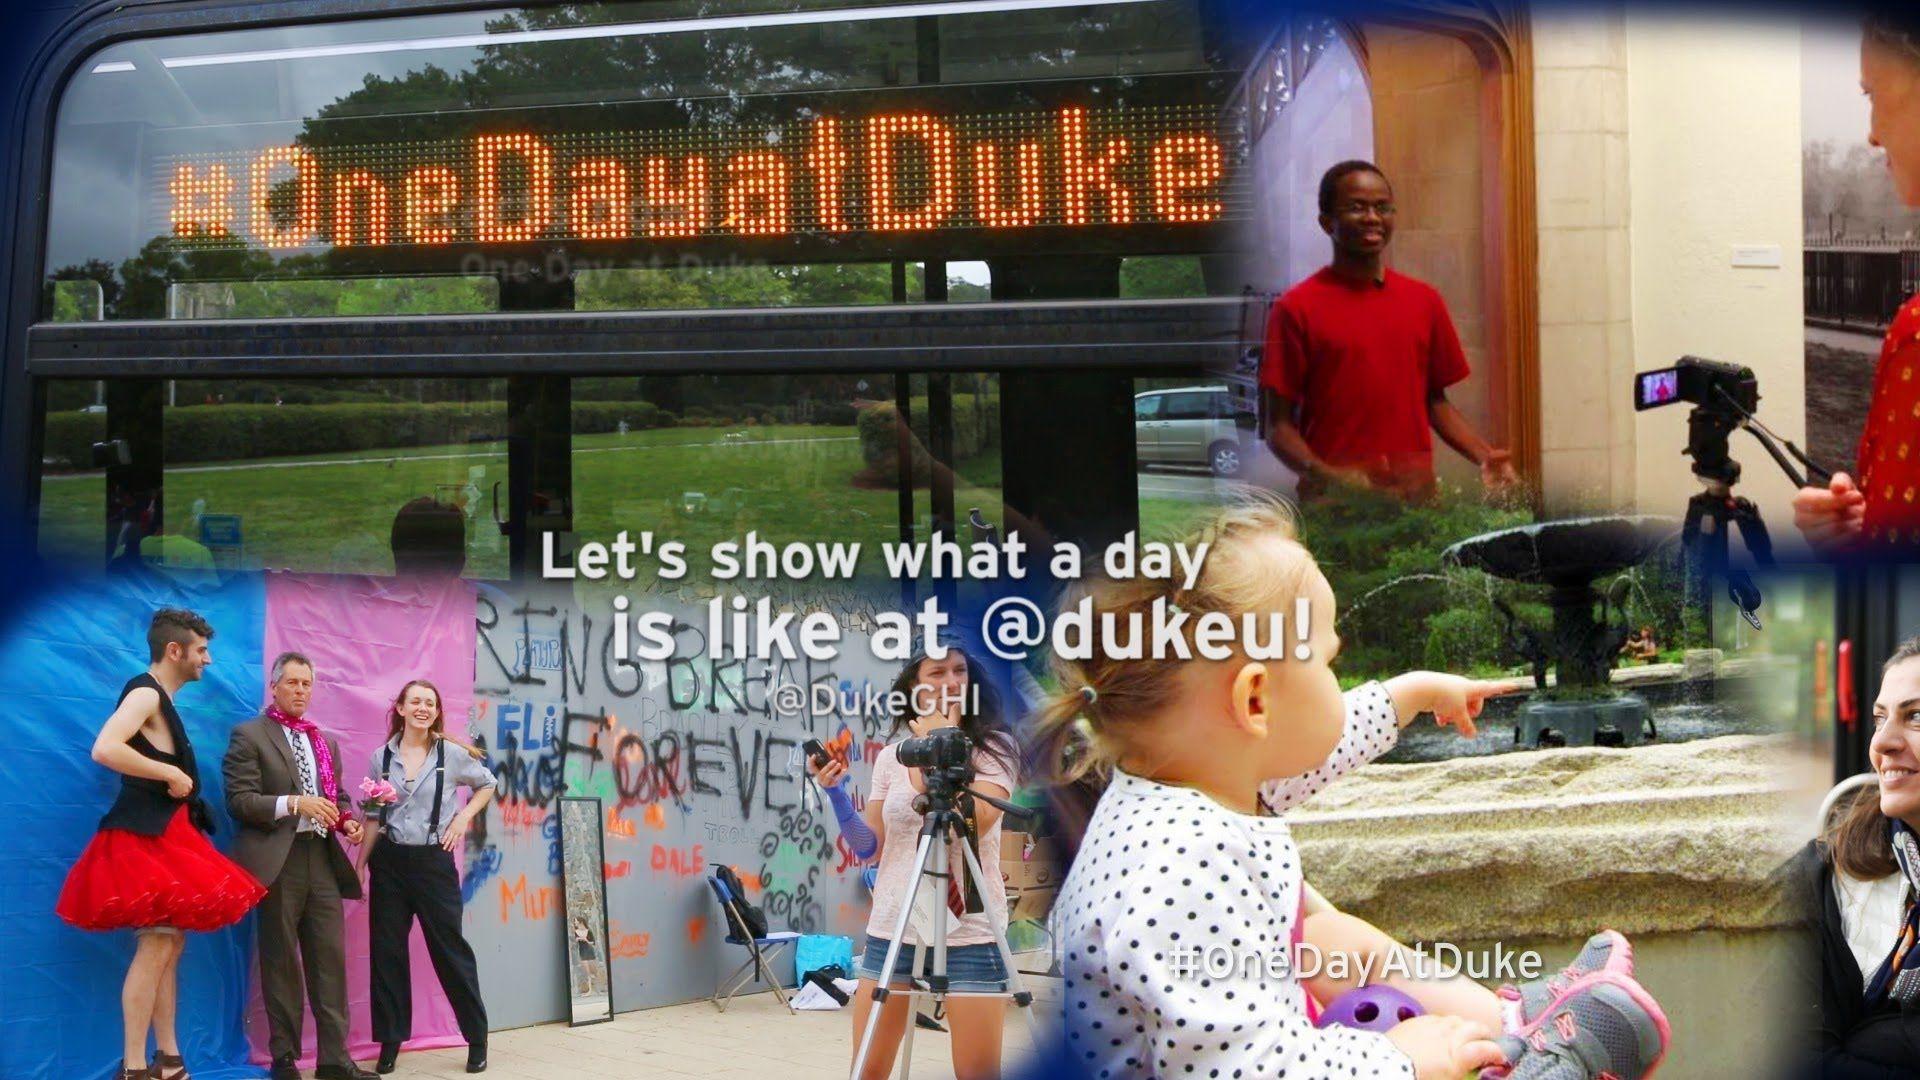 e Day At Duke Awesome SocialMedia driven public Service